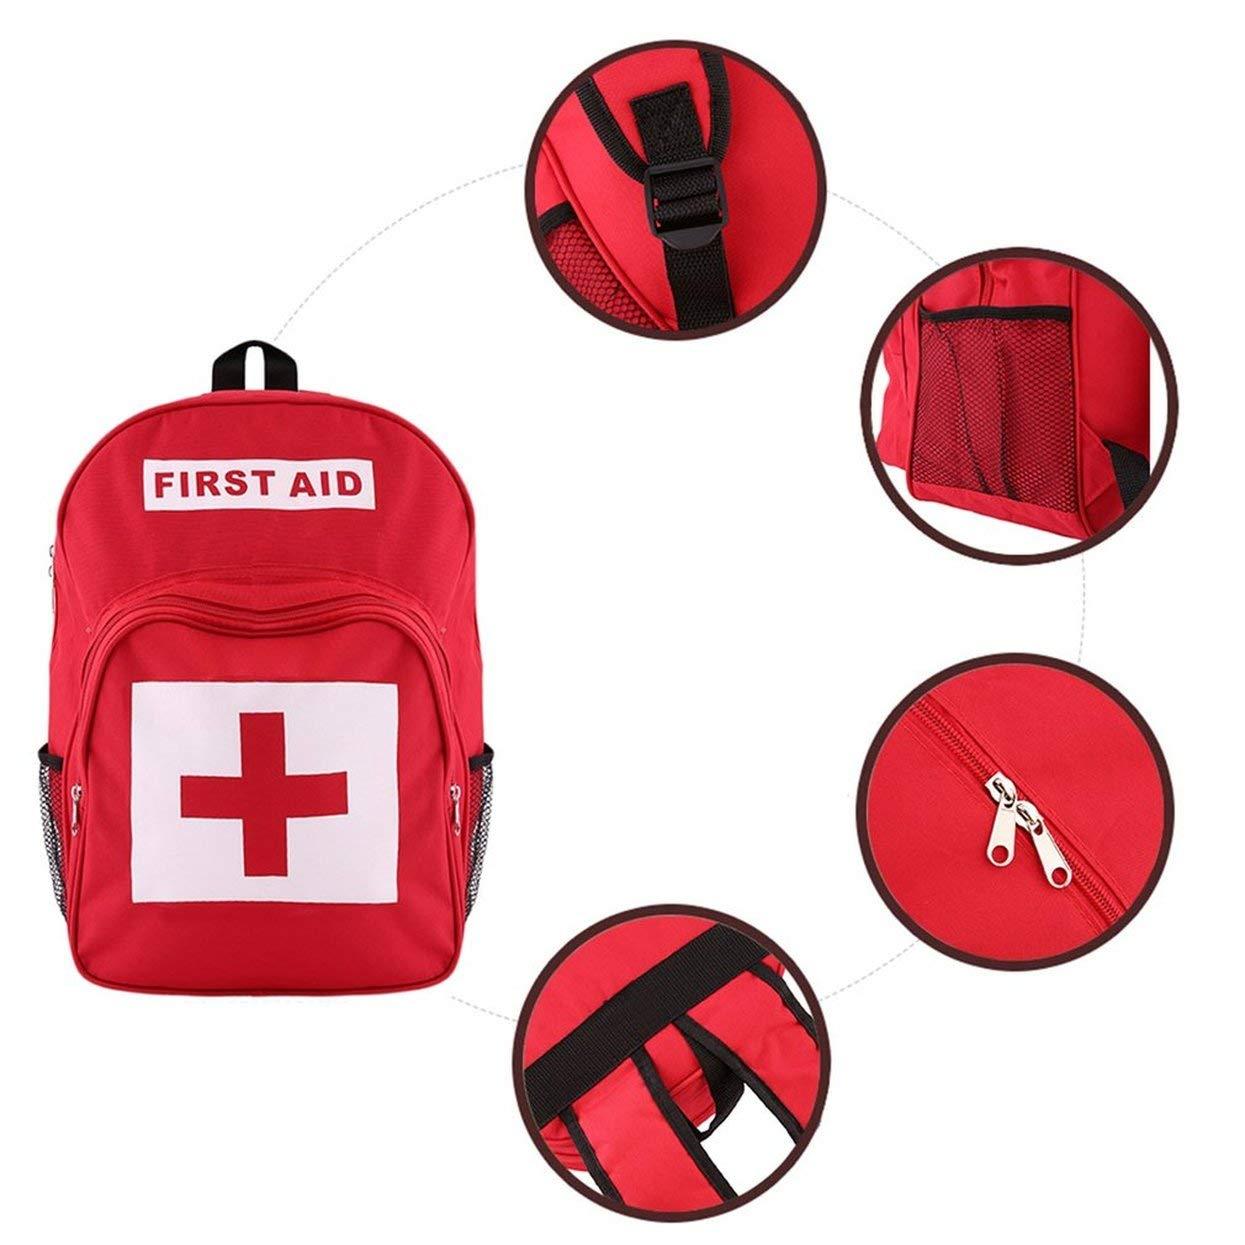 Tellabouu for Equipo de Primeros Auxilios de de de Supervivencia de Emergencia médica para Acampar en el hogar al Aire Libre BagBest Selling and Newest Alrededor del Mundo en bab8c3